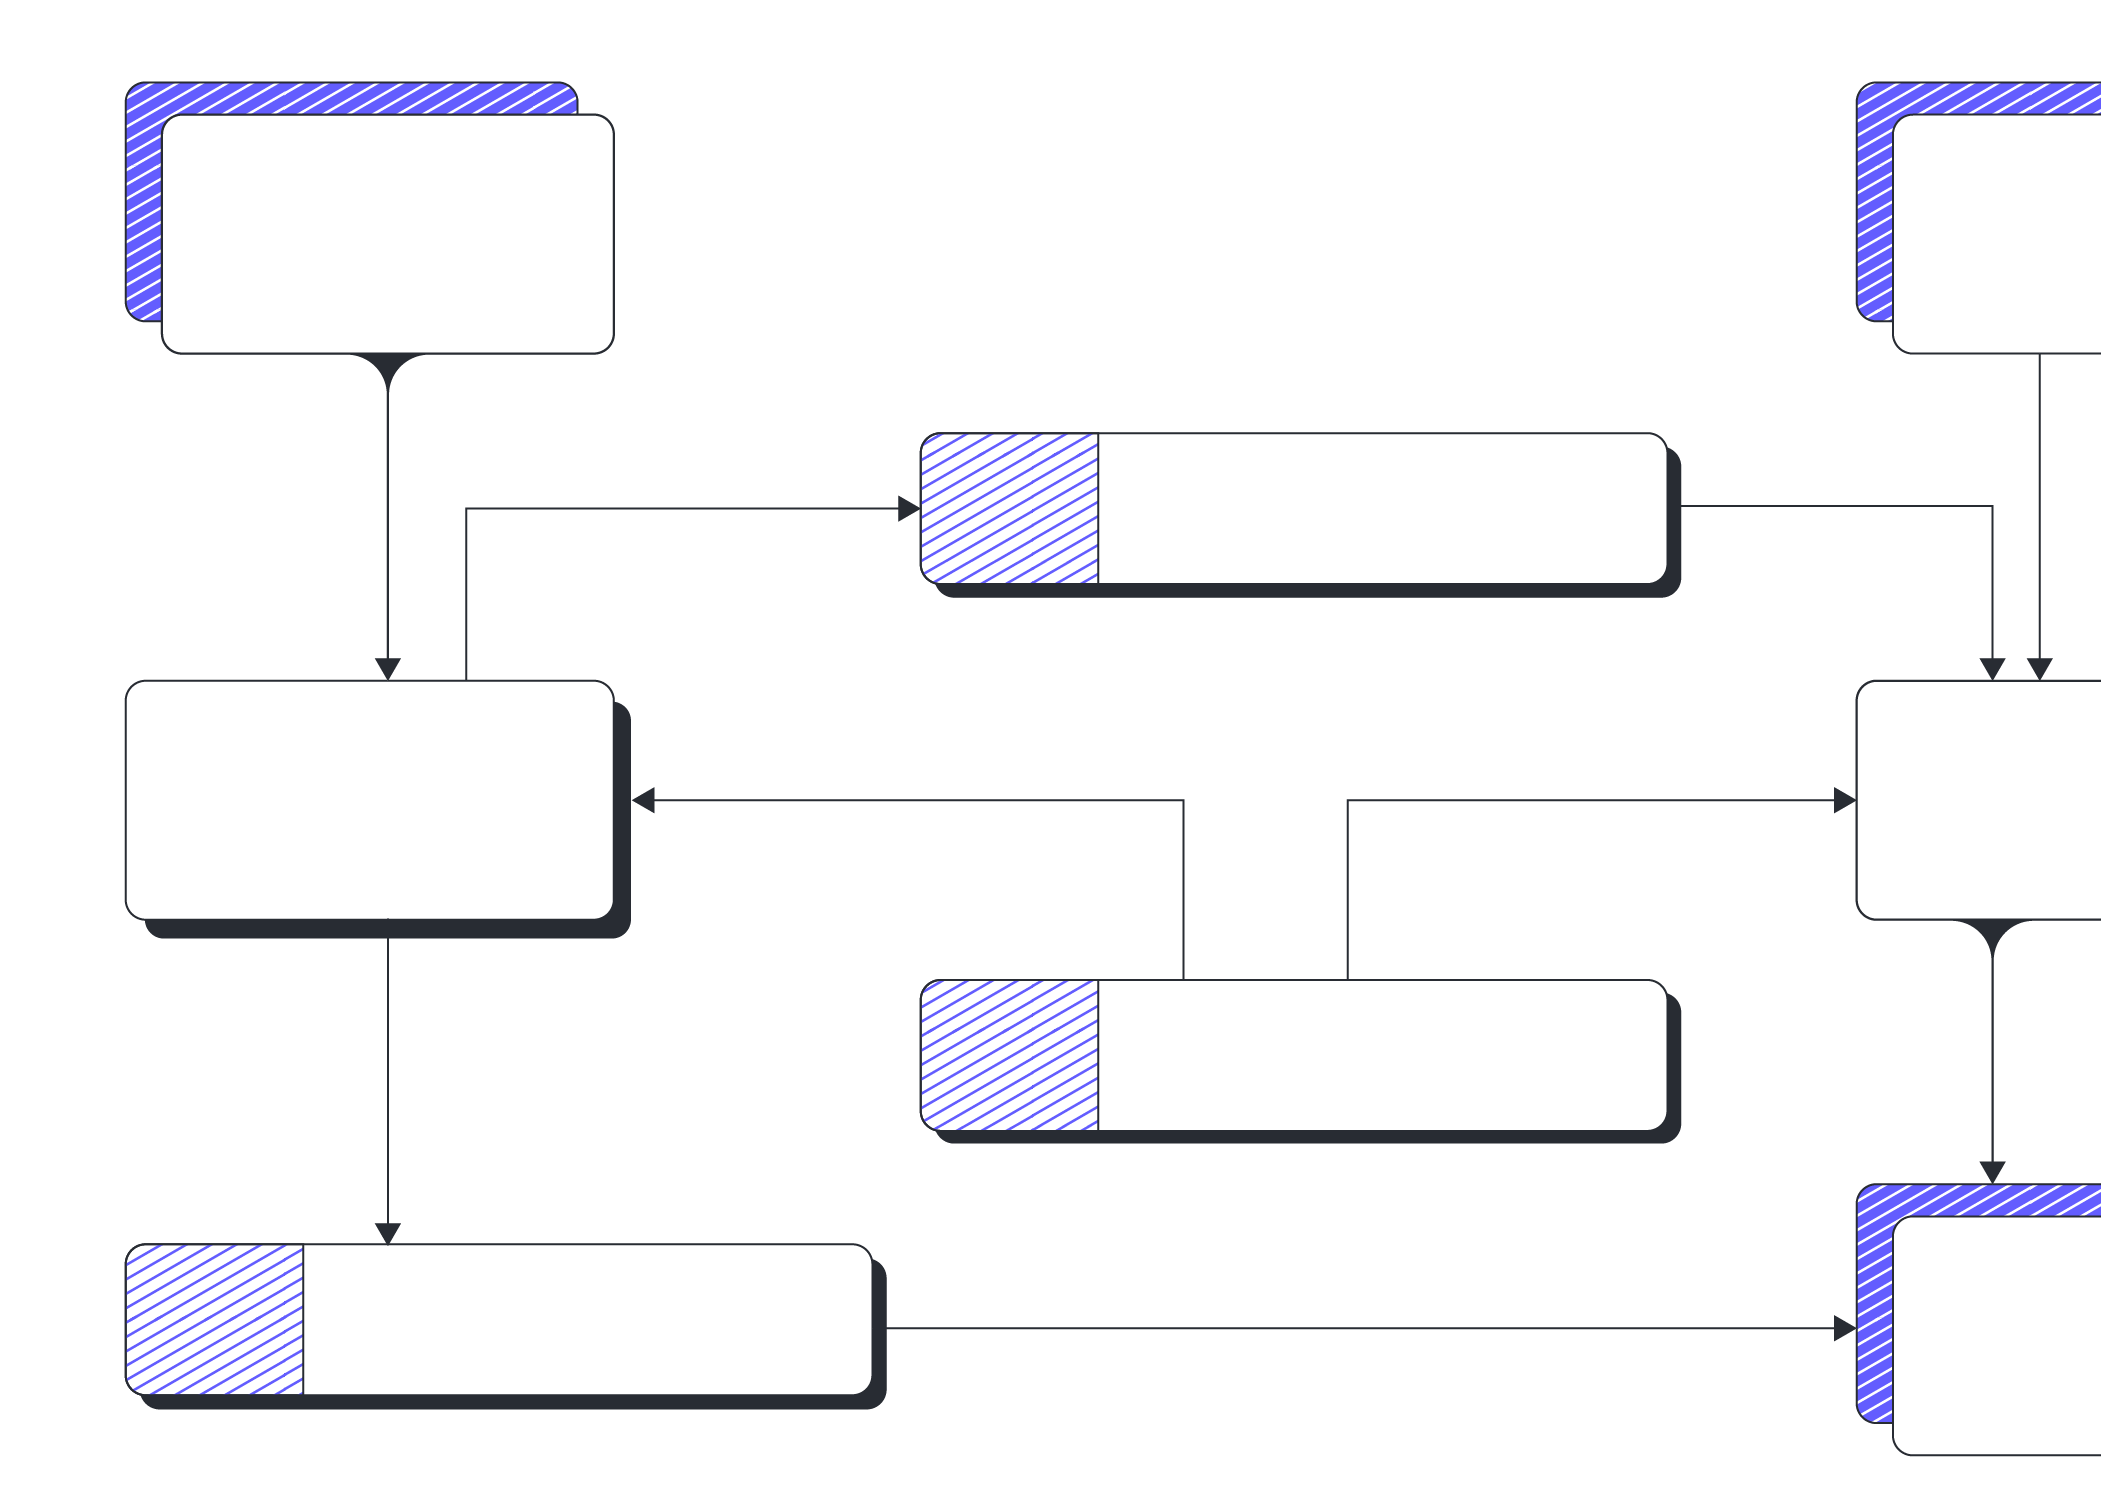 Lucidchart data flow diagram software